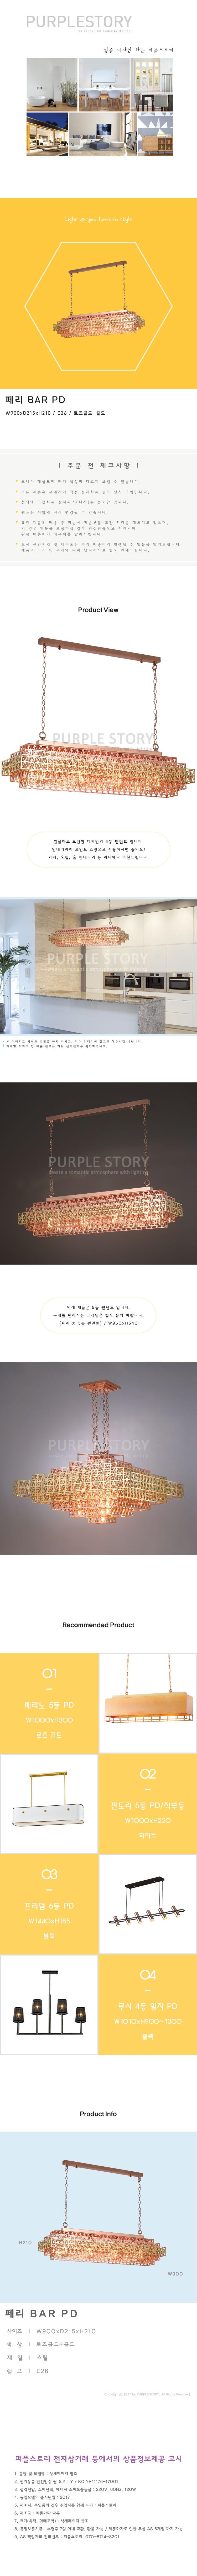 페리 BAR PD - 퍼플스토리, 1,462,000원, 디자인조명, 팬던트조명